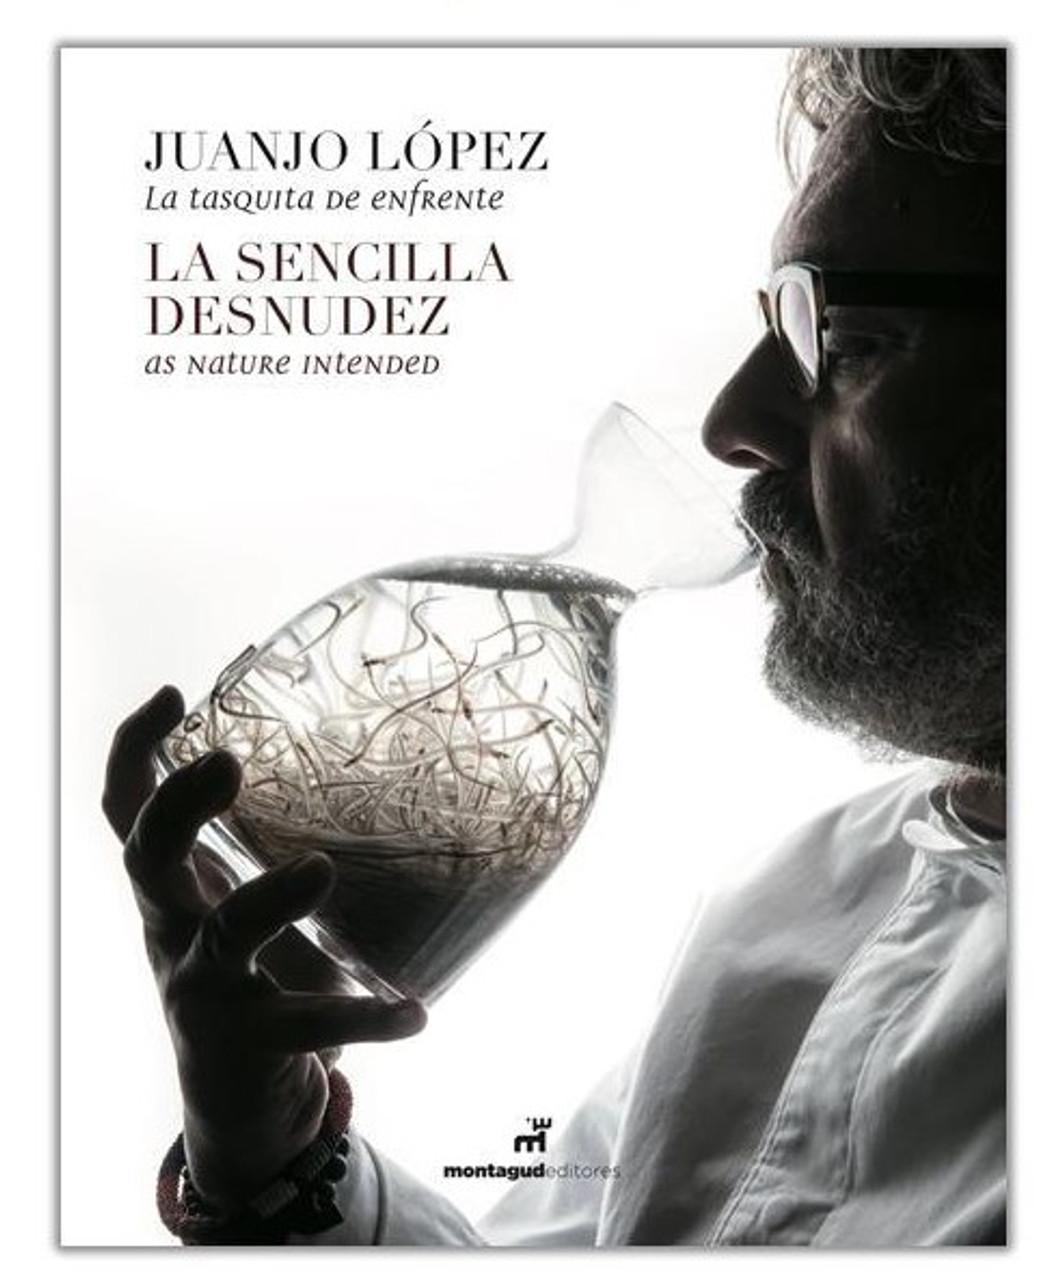 LA TASQUITA DE ENFRENTE - BY JUANJO LOPEZ